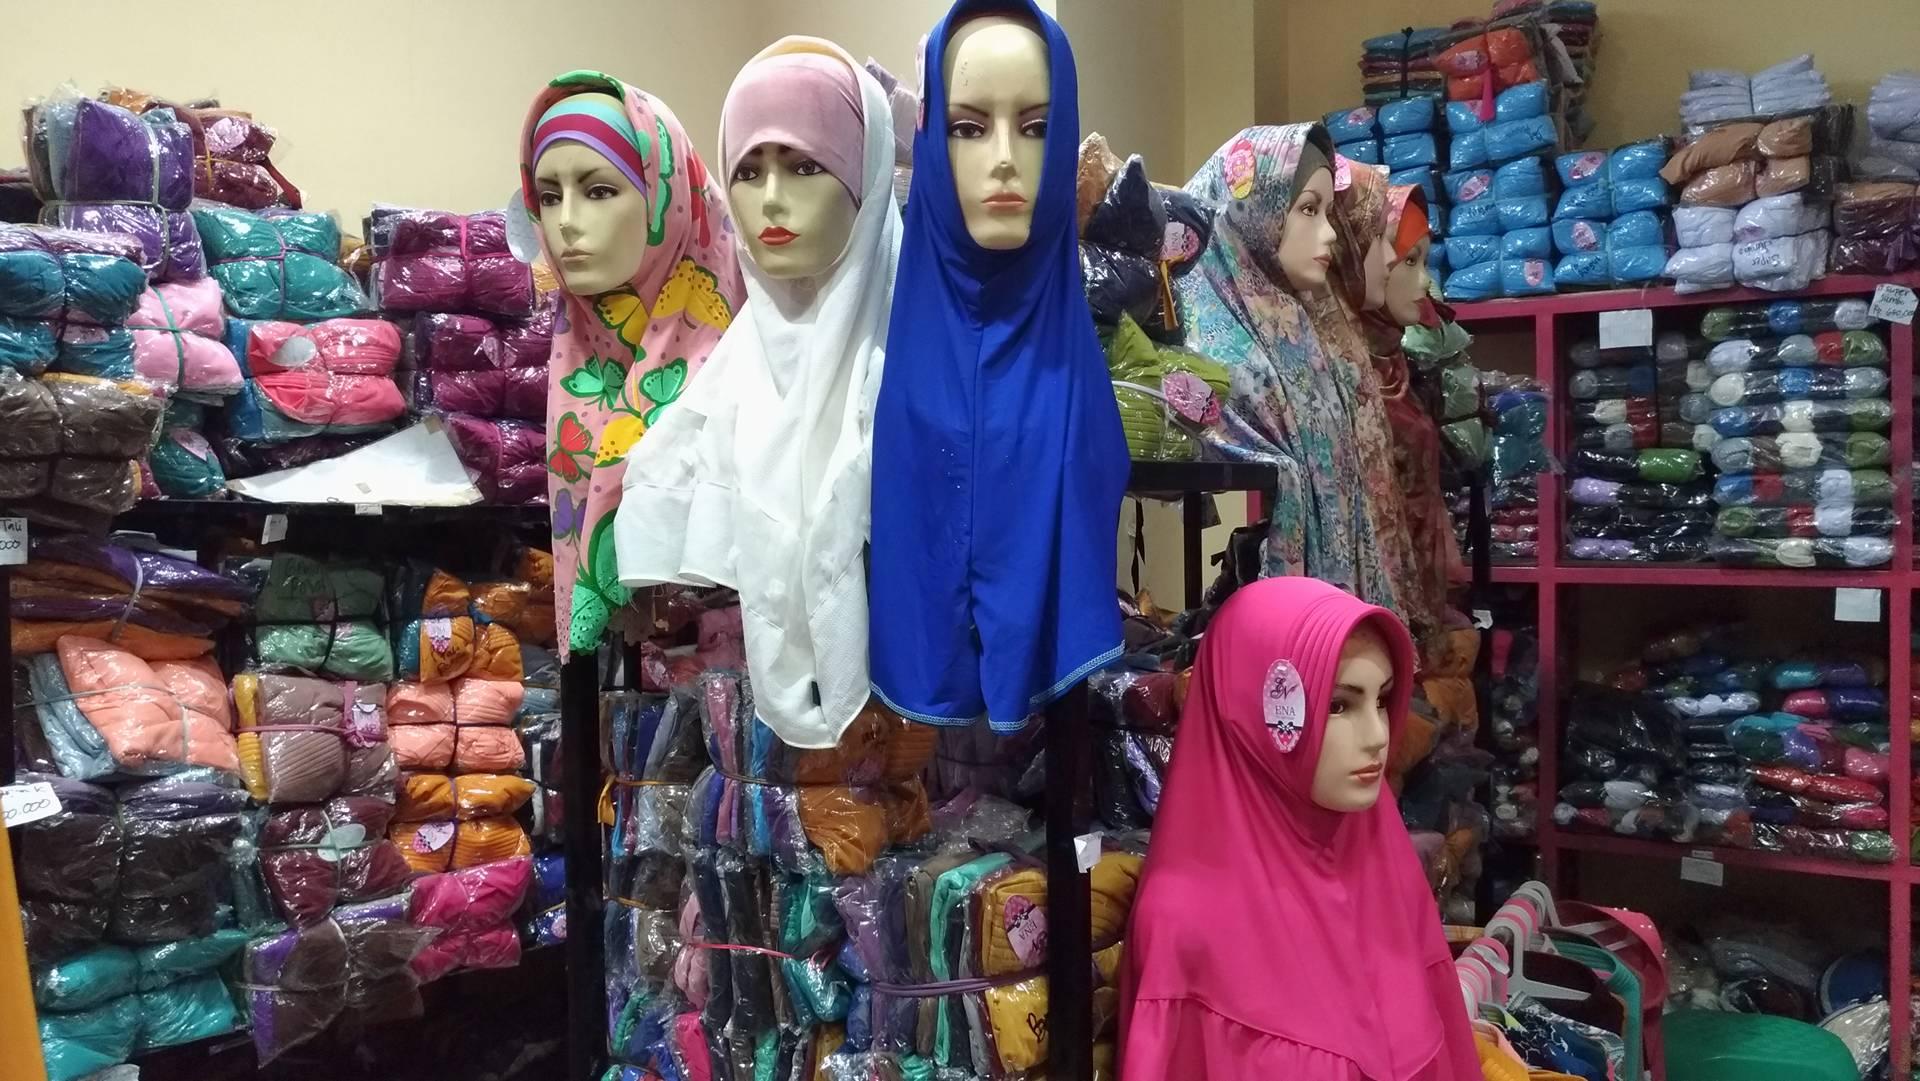 Pusat Grosir Jilbab Online, Cara Mudah Miliki Jilbab Murah